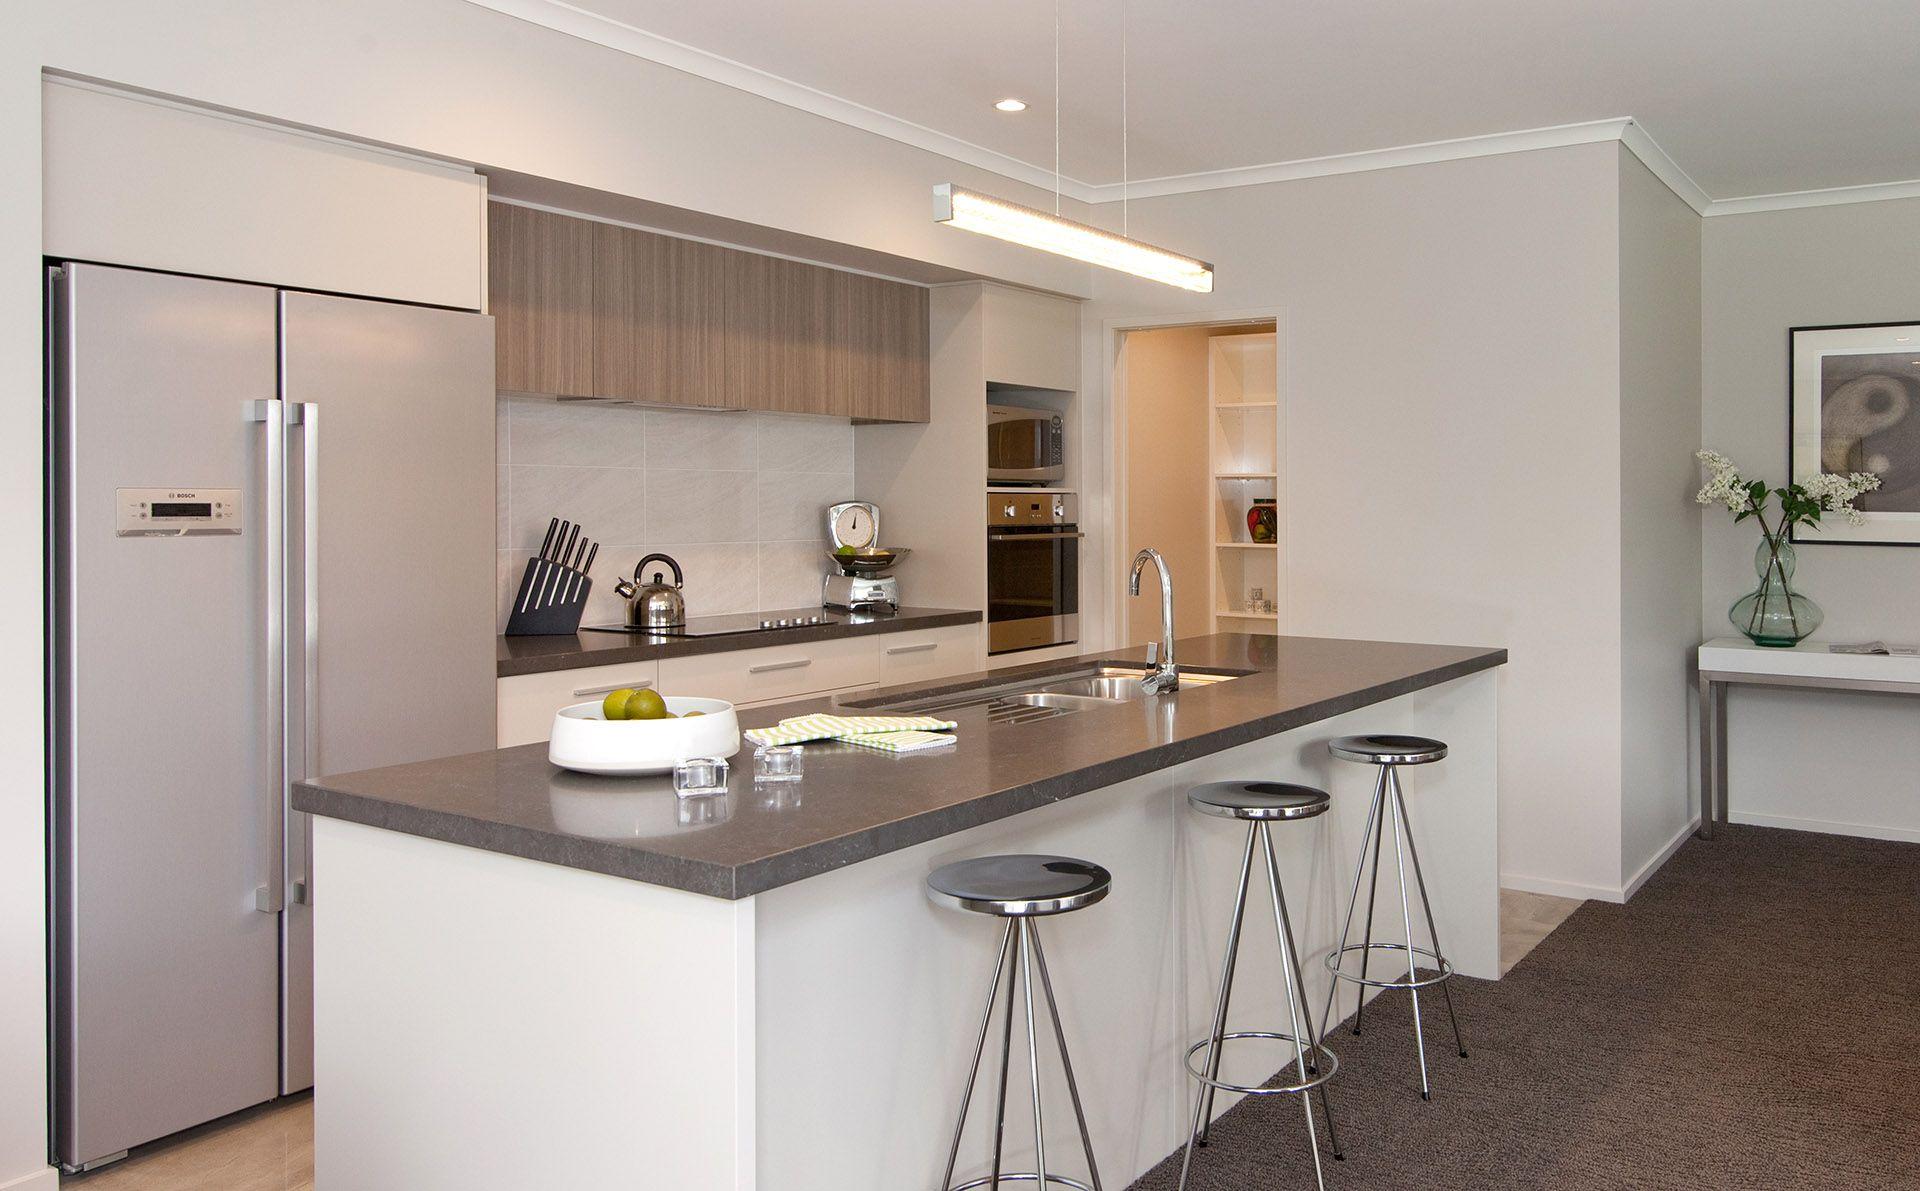 Kitchen | Showhome | G.J. Gardner Homes New Zealand | Kitchen ...